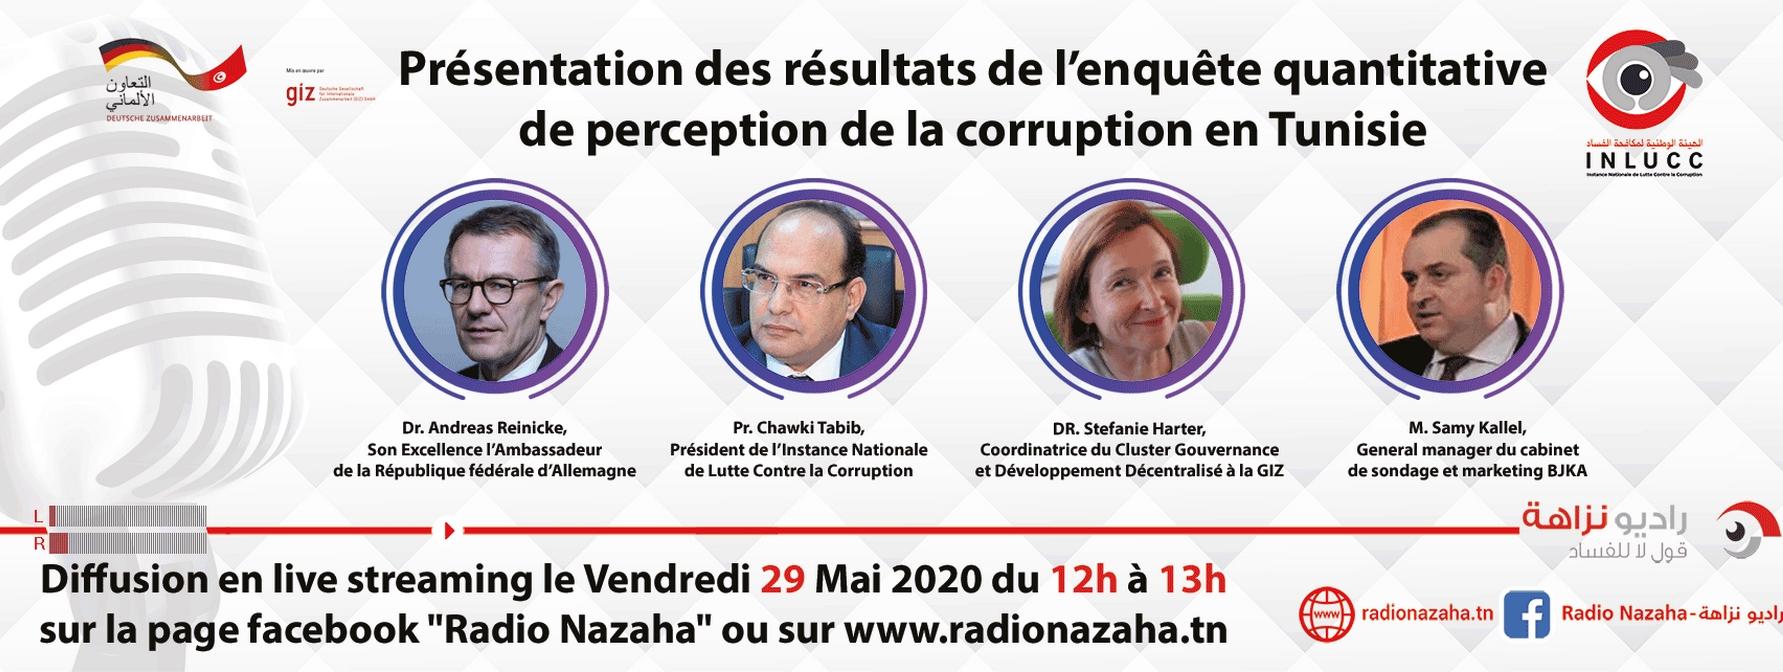 عرض نتائج  دراسة حول مدركات الفساد في تونس يوم الجمعة 29 ماي 2020